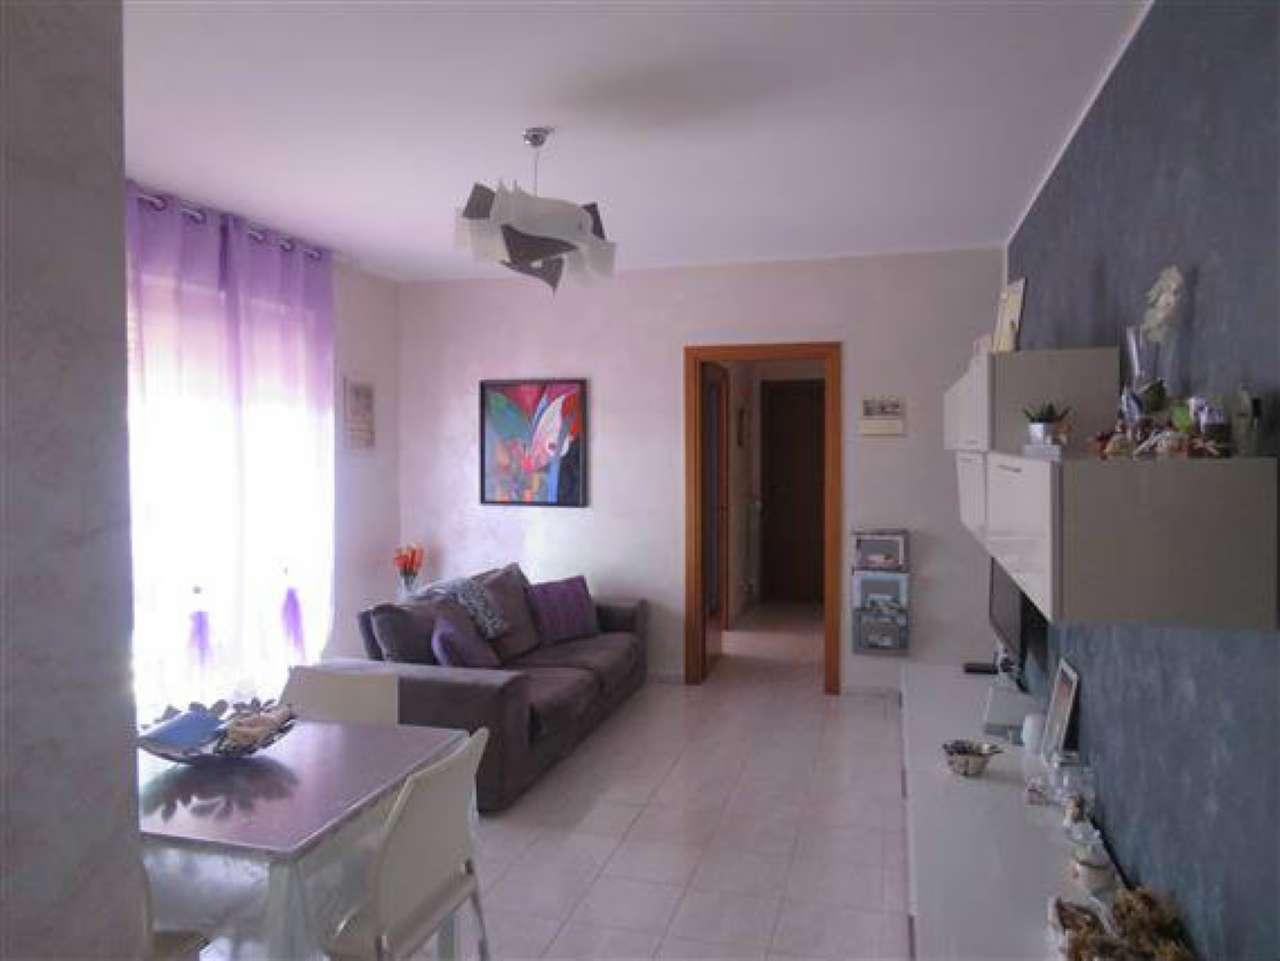 Appartamento in vendita a Campobasso, 9999 locali, prezzo € 129.000 | Cambio Casa.it